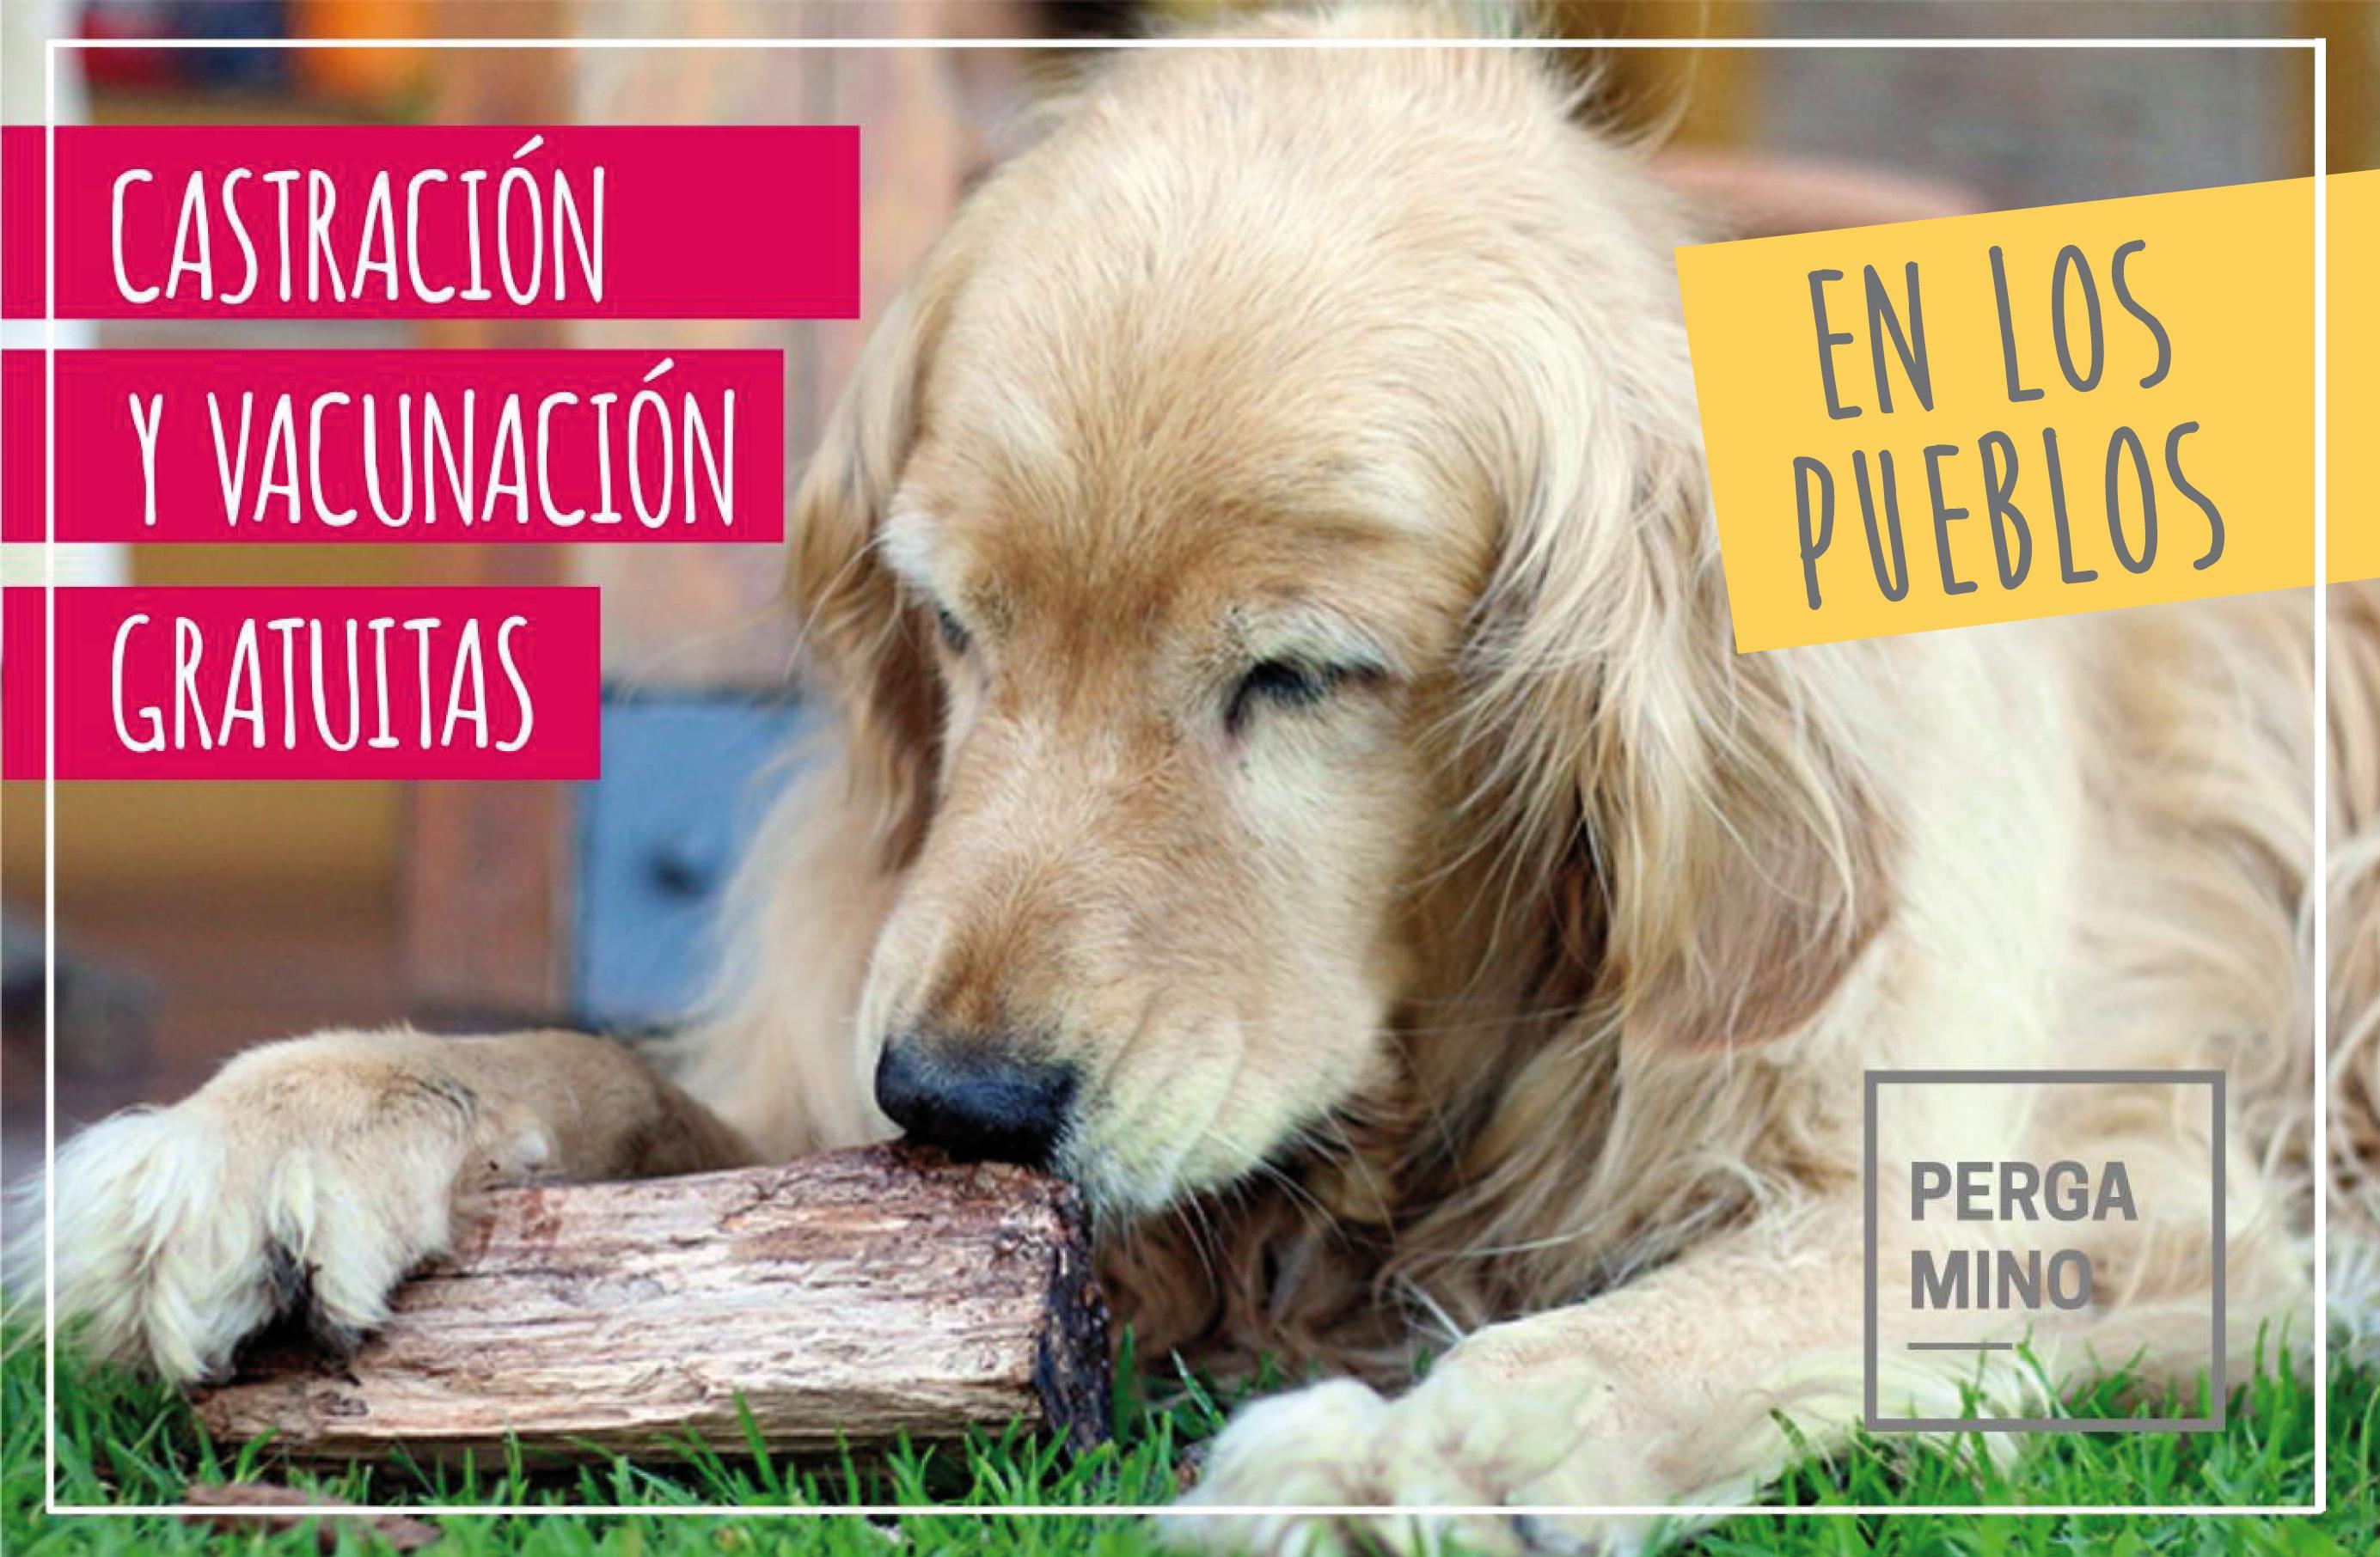 CASTRACION EN LOS PUEBLOS-01